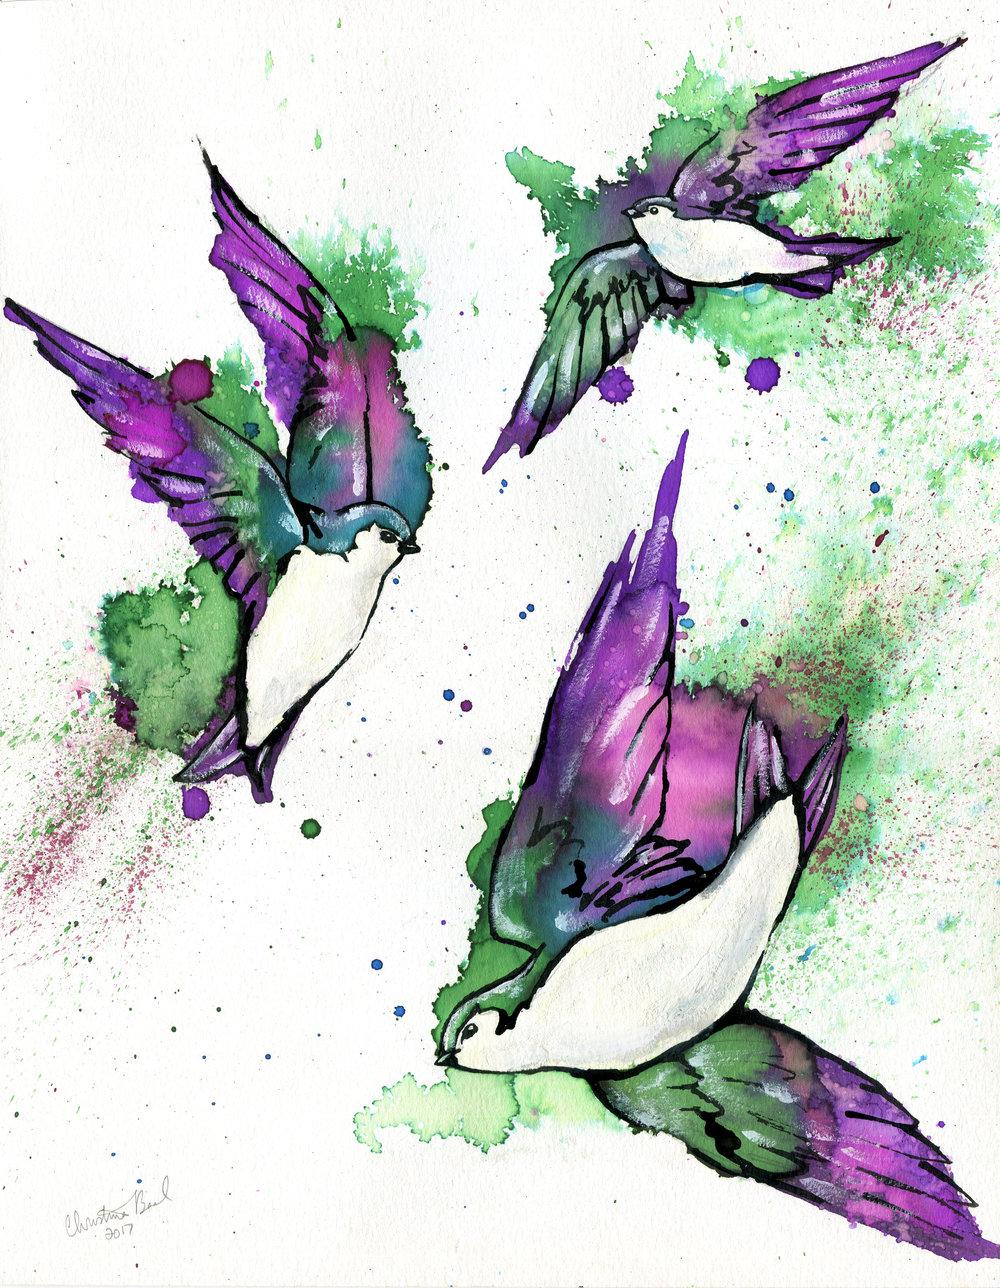 Shimmering Skydancers